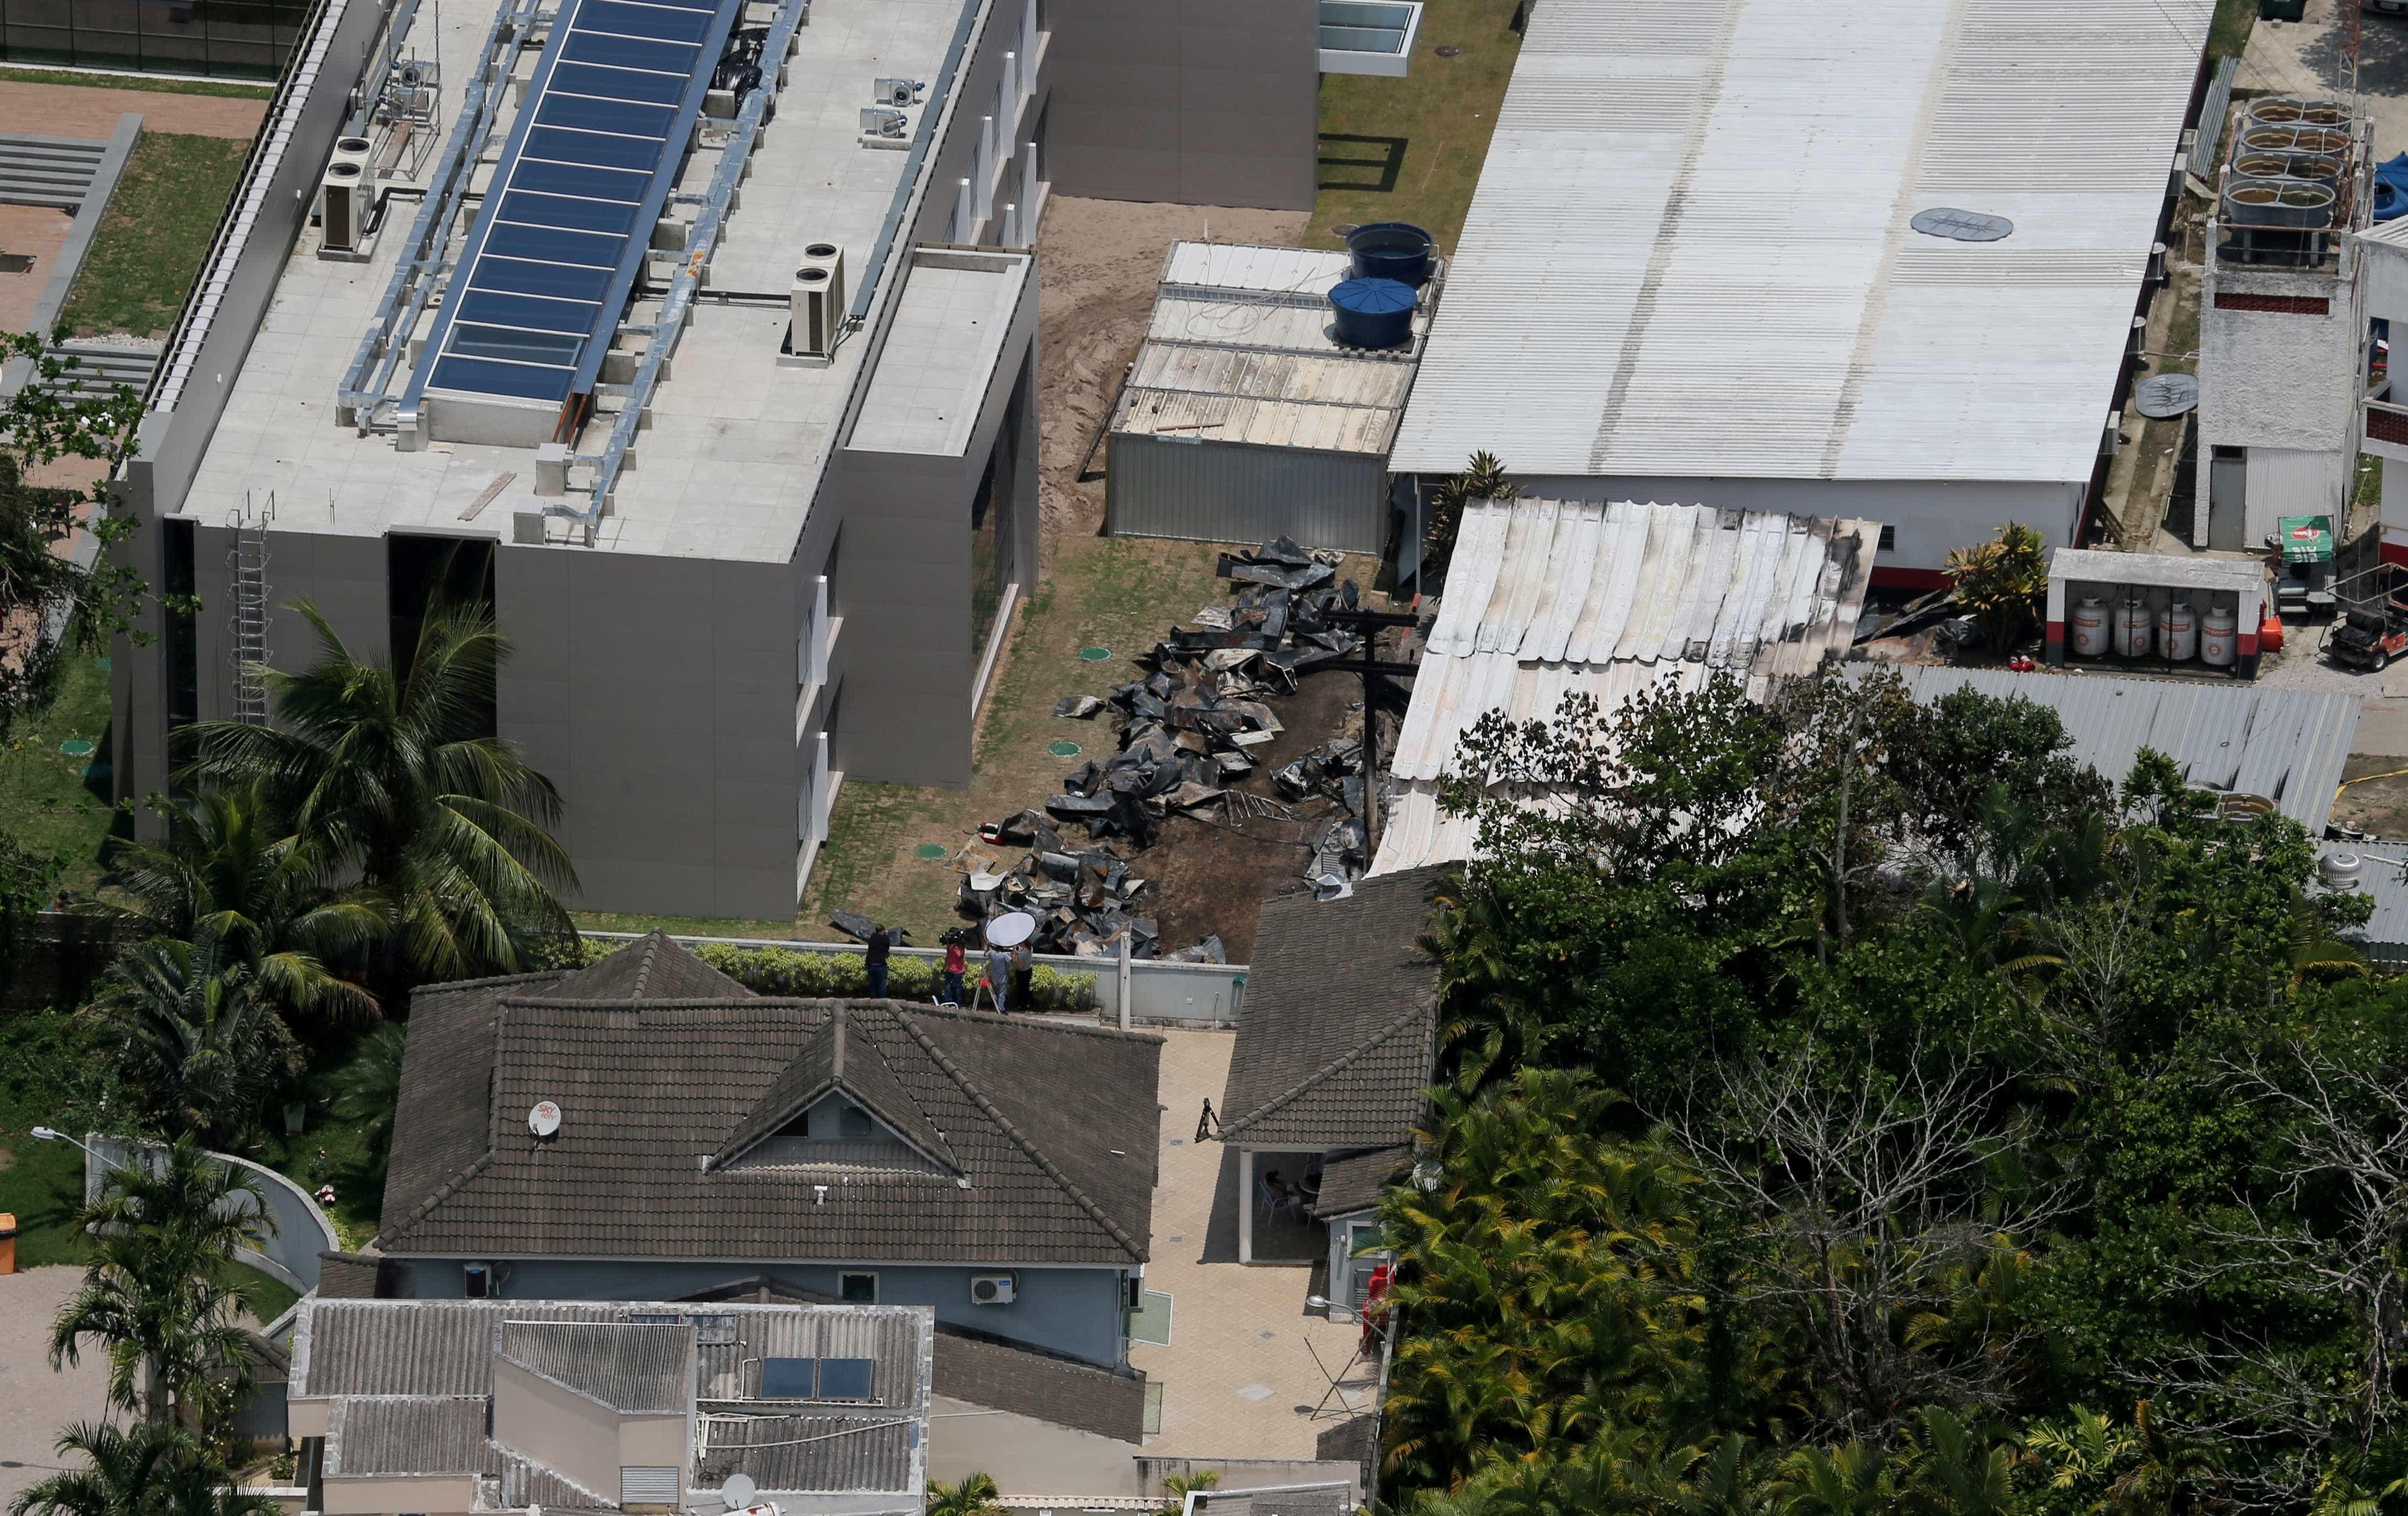 Ar condicionado de alojamento do Fla tinha 'gambiarra', diz depoimento